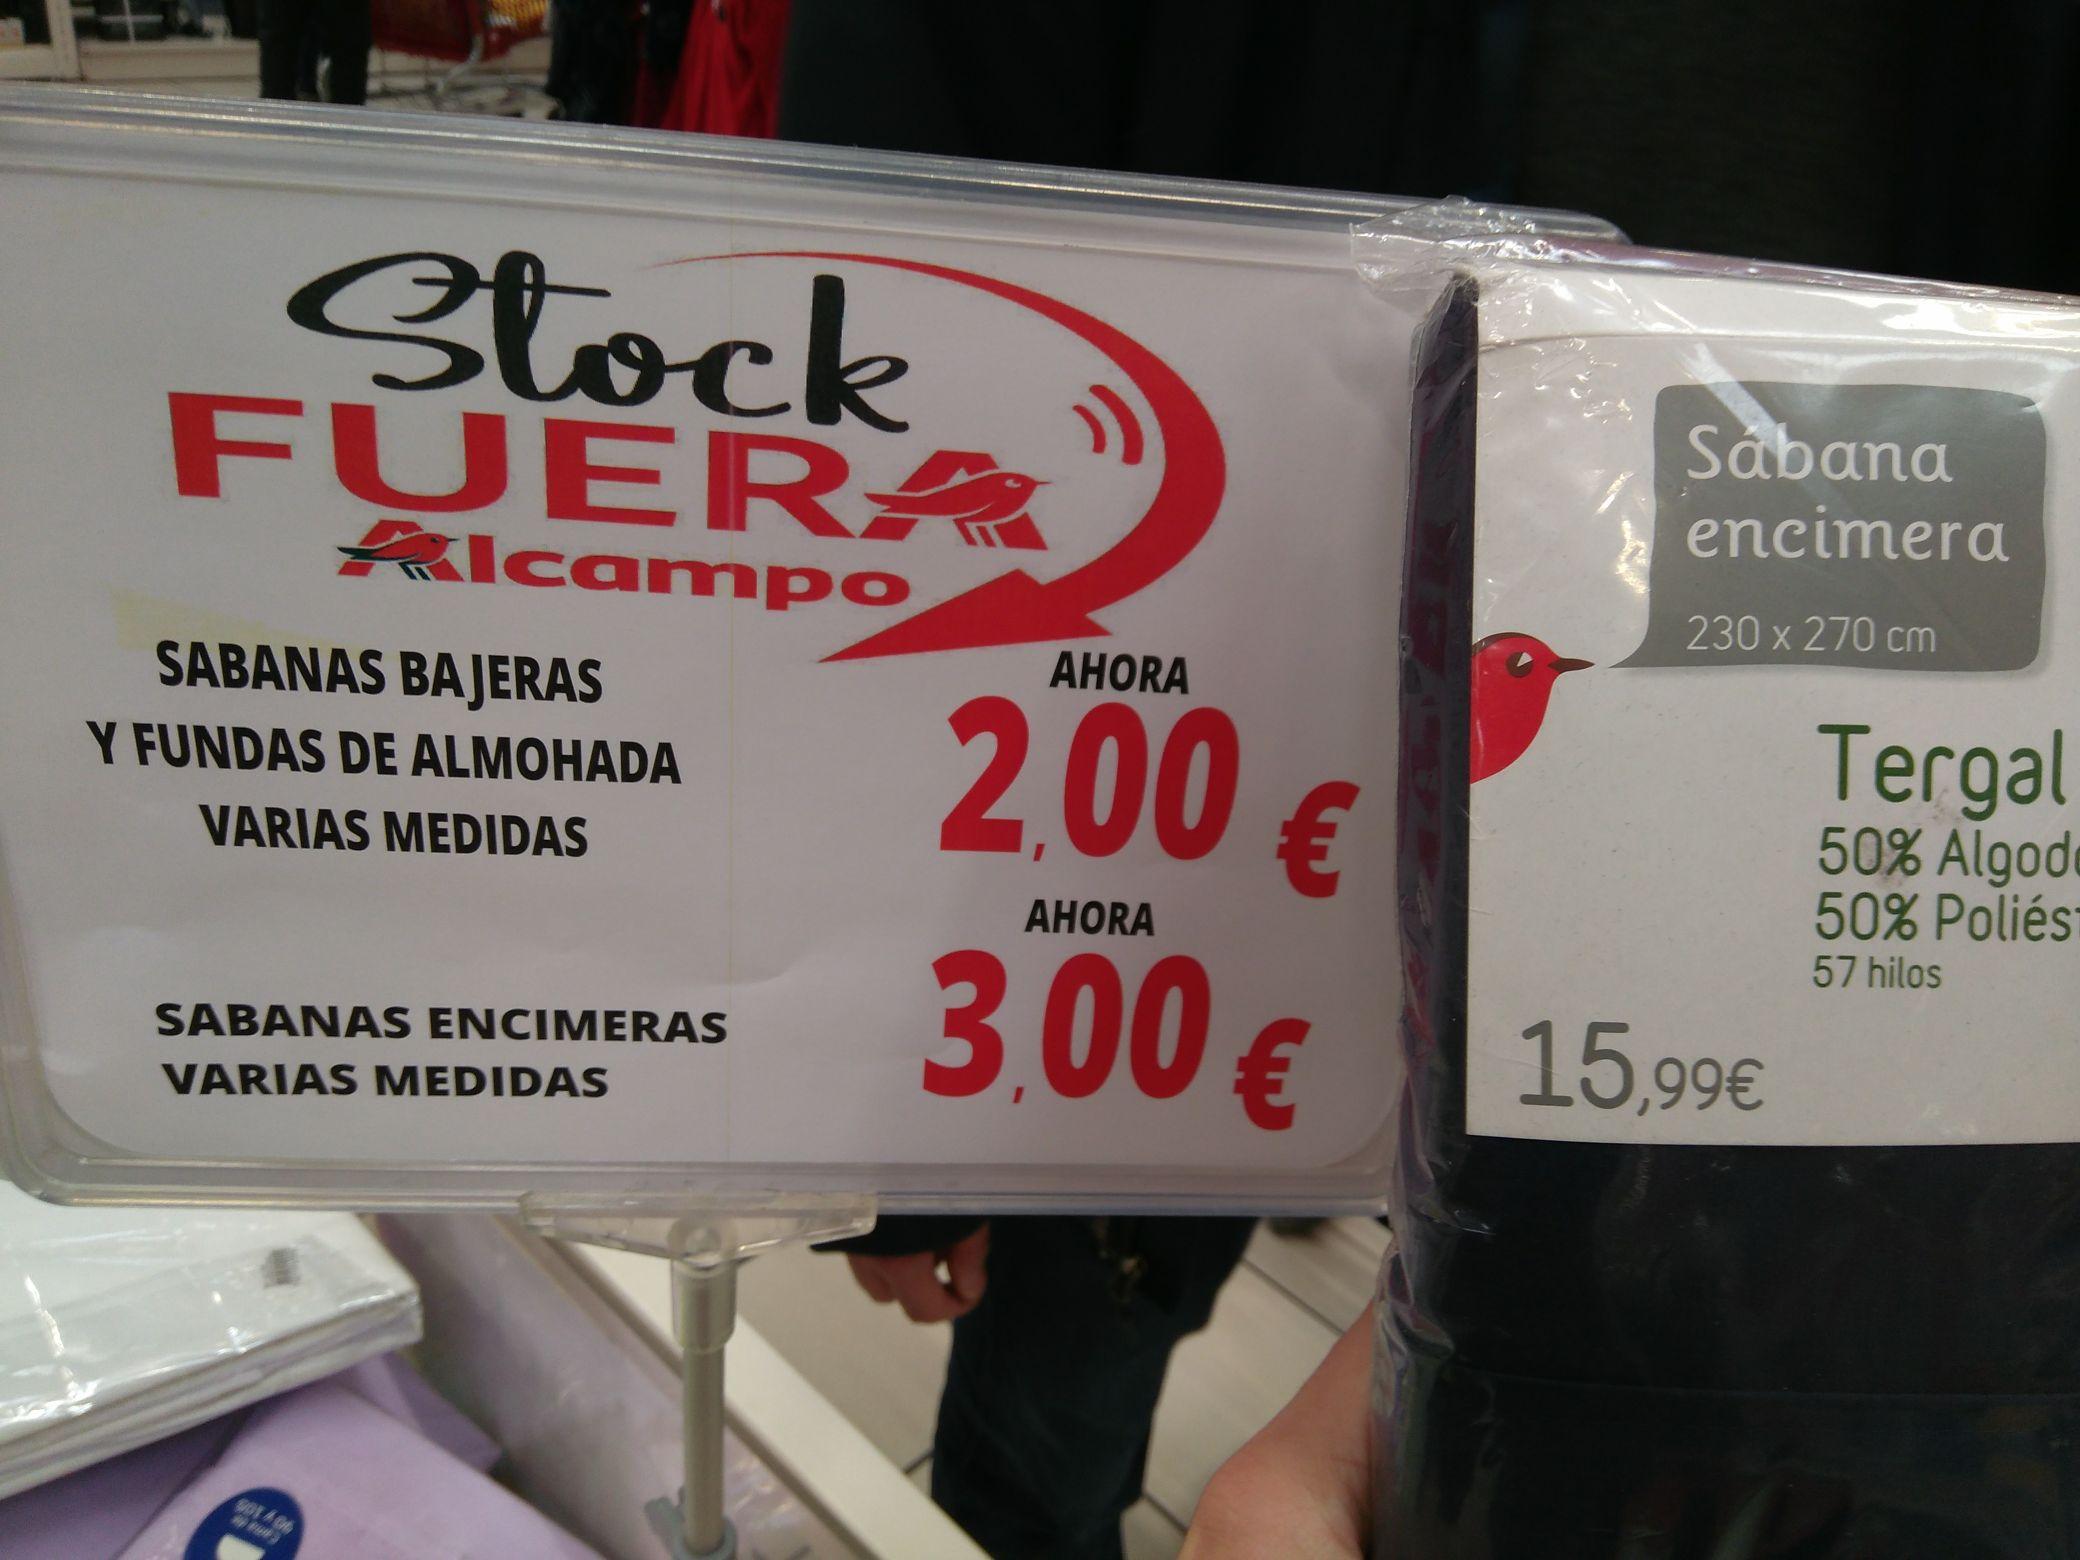 Sábanas y fundas en Alcampo 2 euros!!